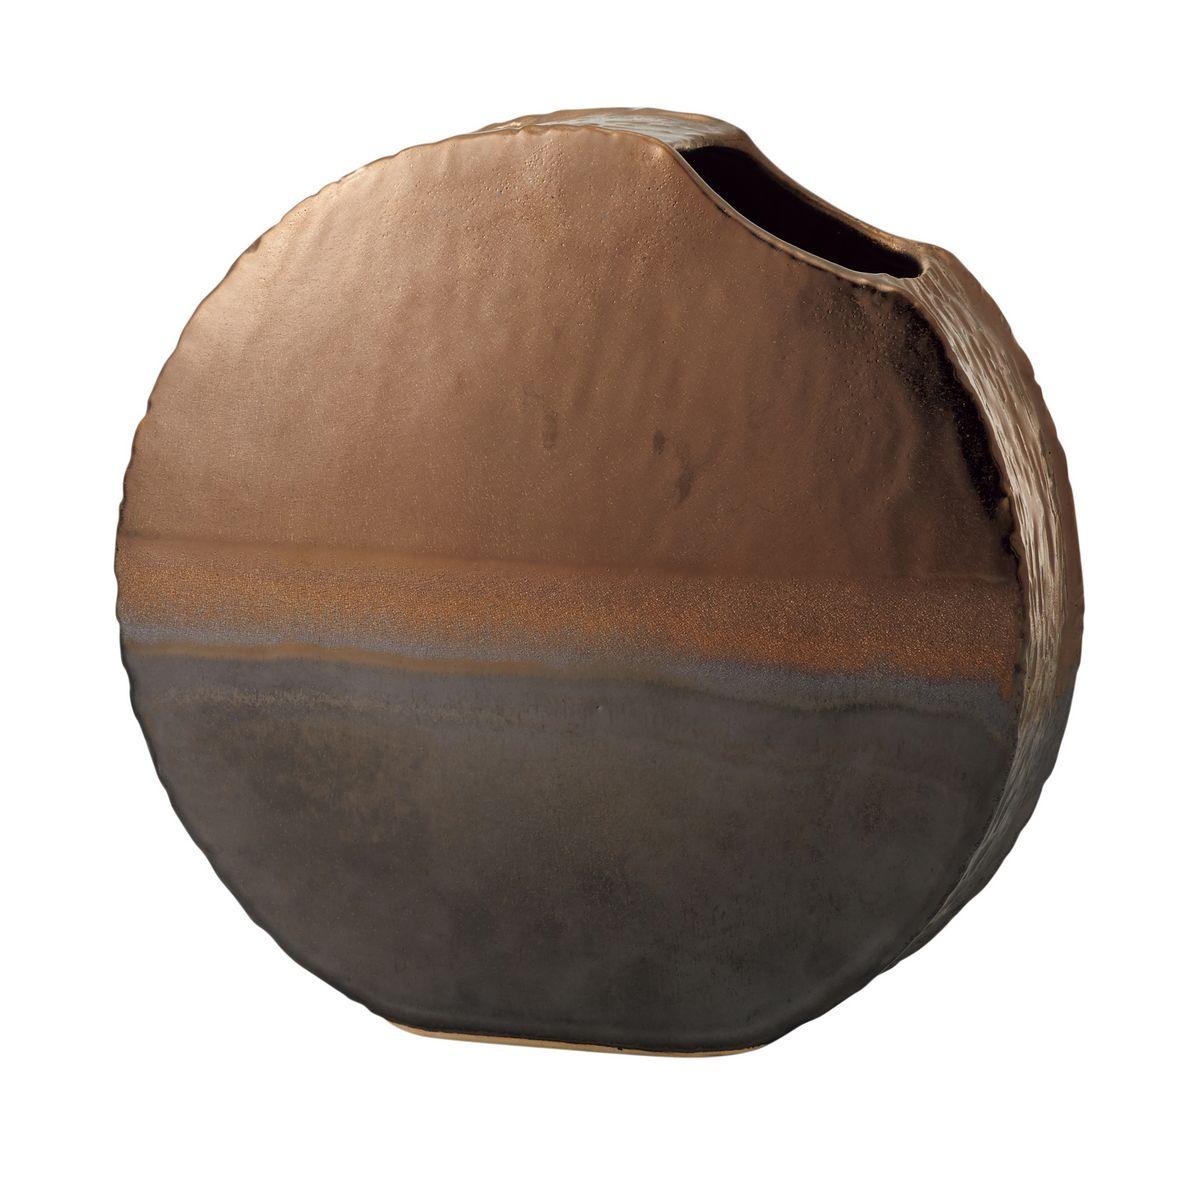 花材・フラワーアレンジメント資材, アレンジメント用花器 lunar mare BROWN METALLIC177-357-20101